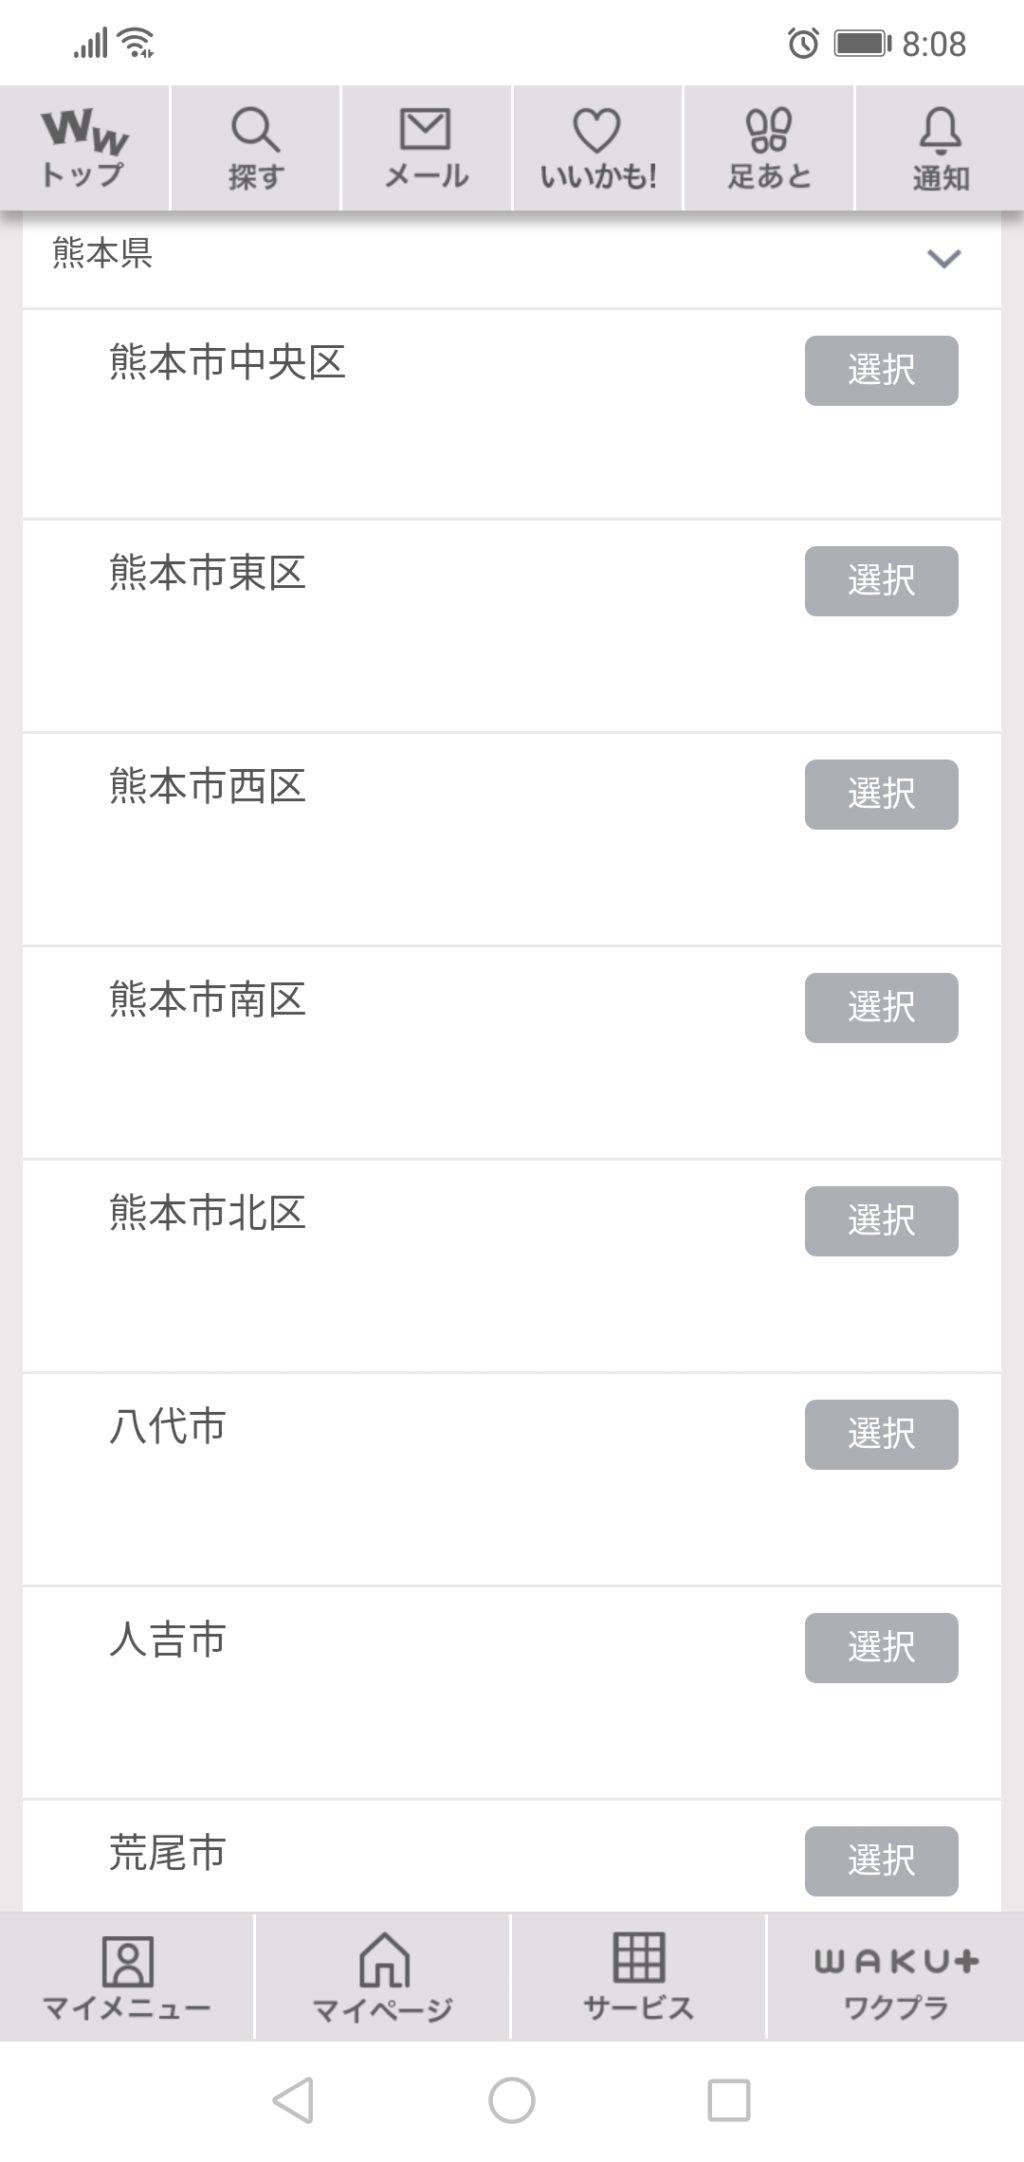 熊本 出会い おすすめマッチングアプリ